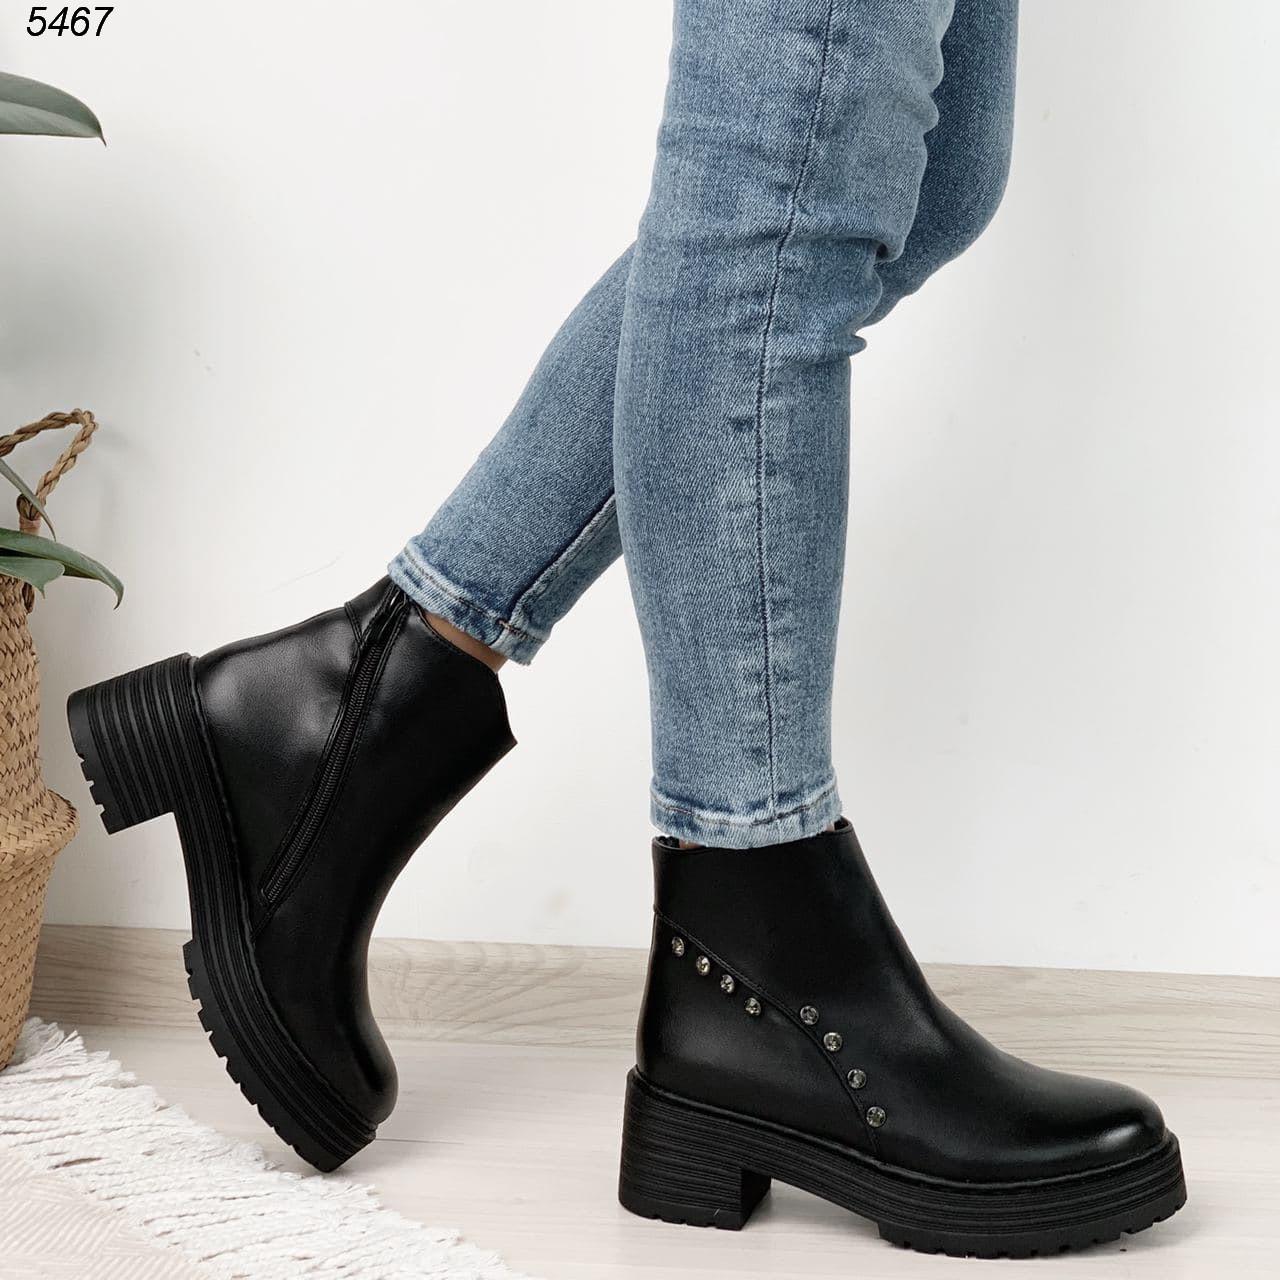 37 р. Ботинки женские зимние зима черные на среднем каблуке каблучке из искусственной кожи кожаные кожа